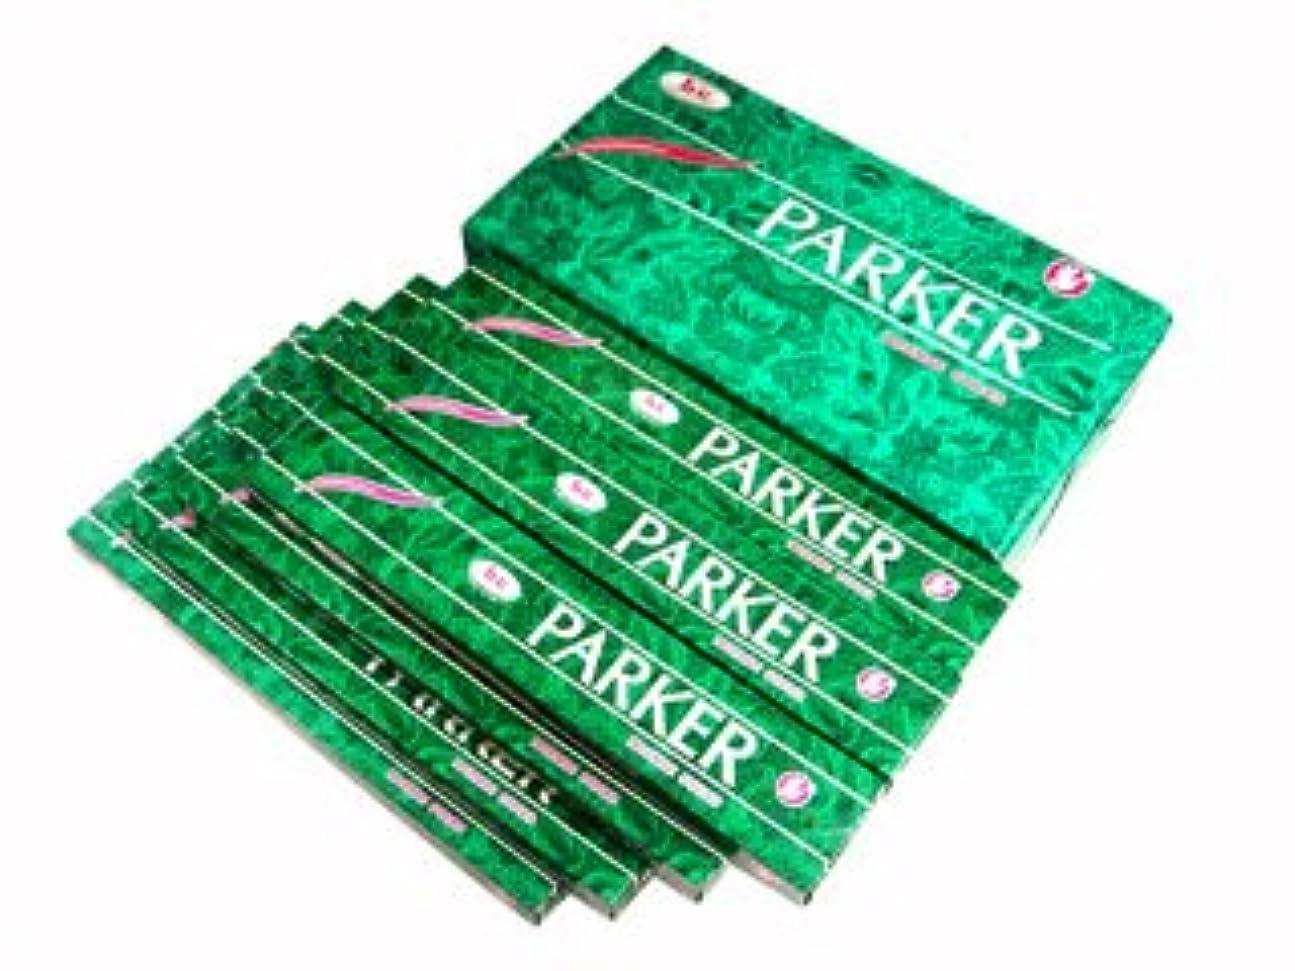 船外多くの危険がある状況修羅場BIC(ビック) パーカー香 PARKER スティック 12箱セット